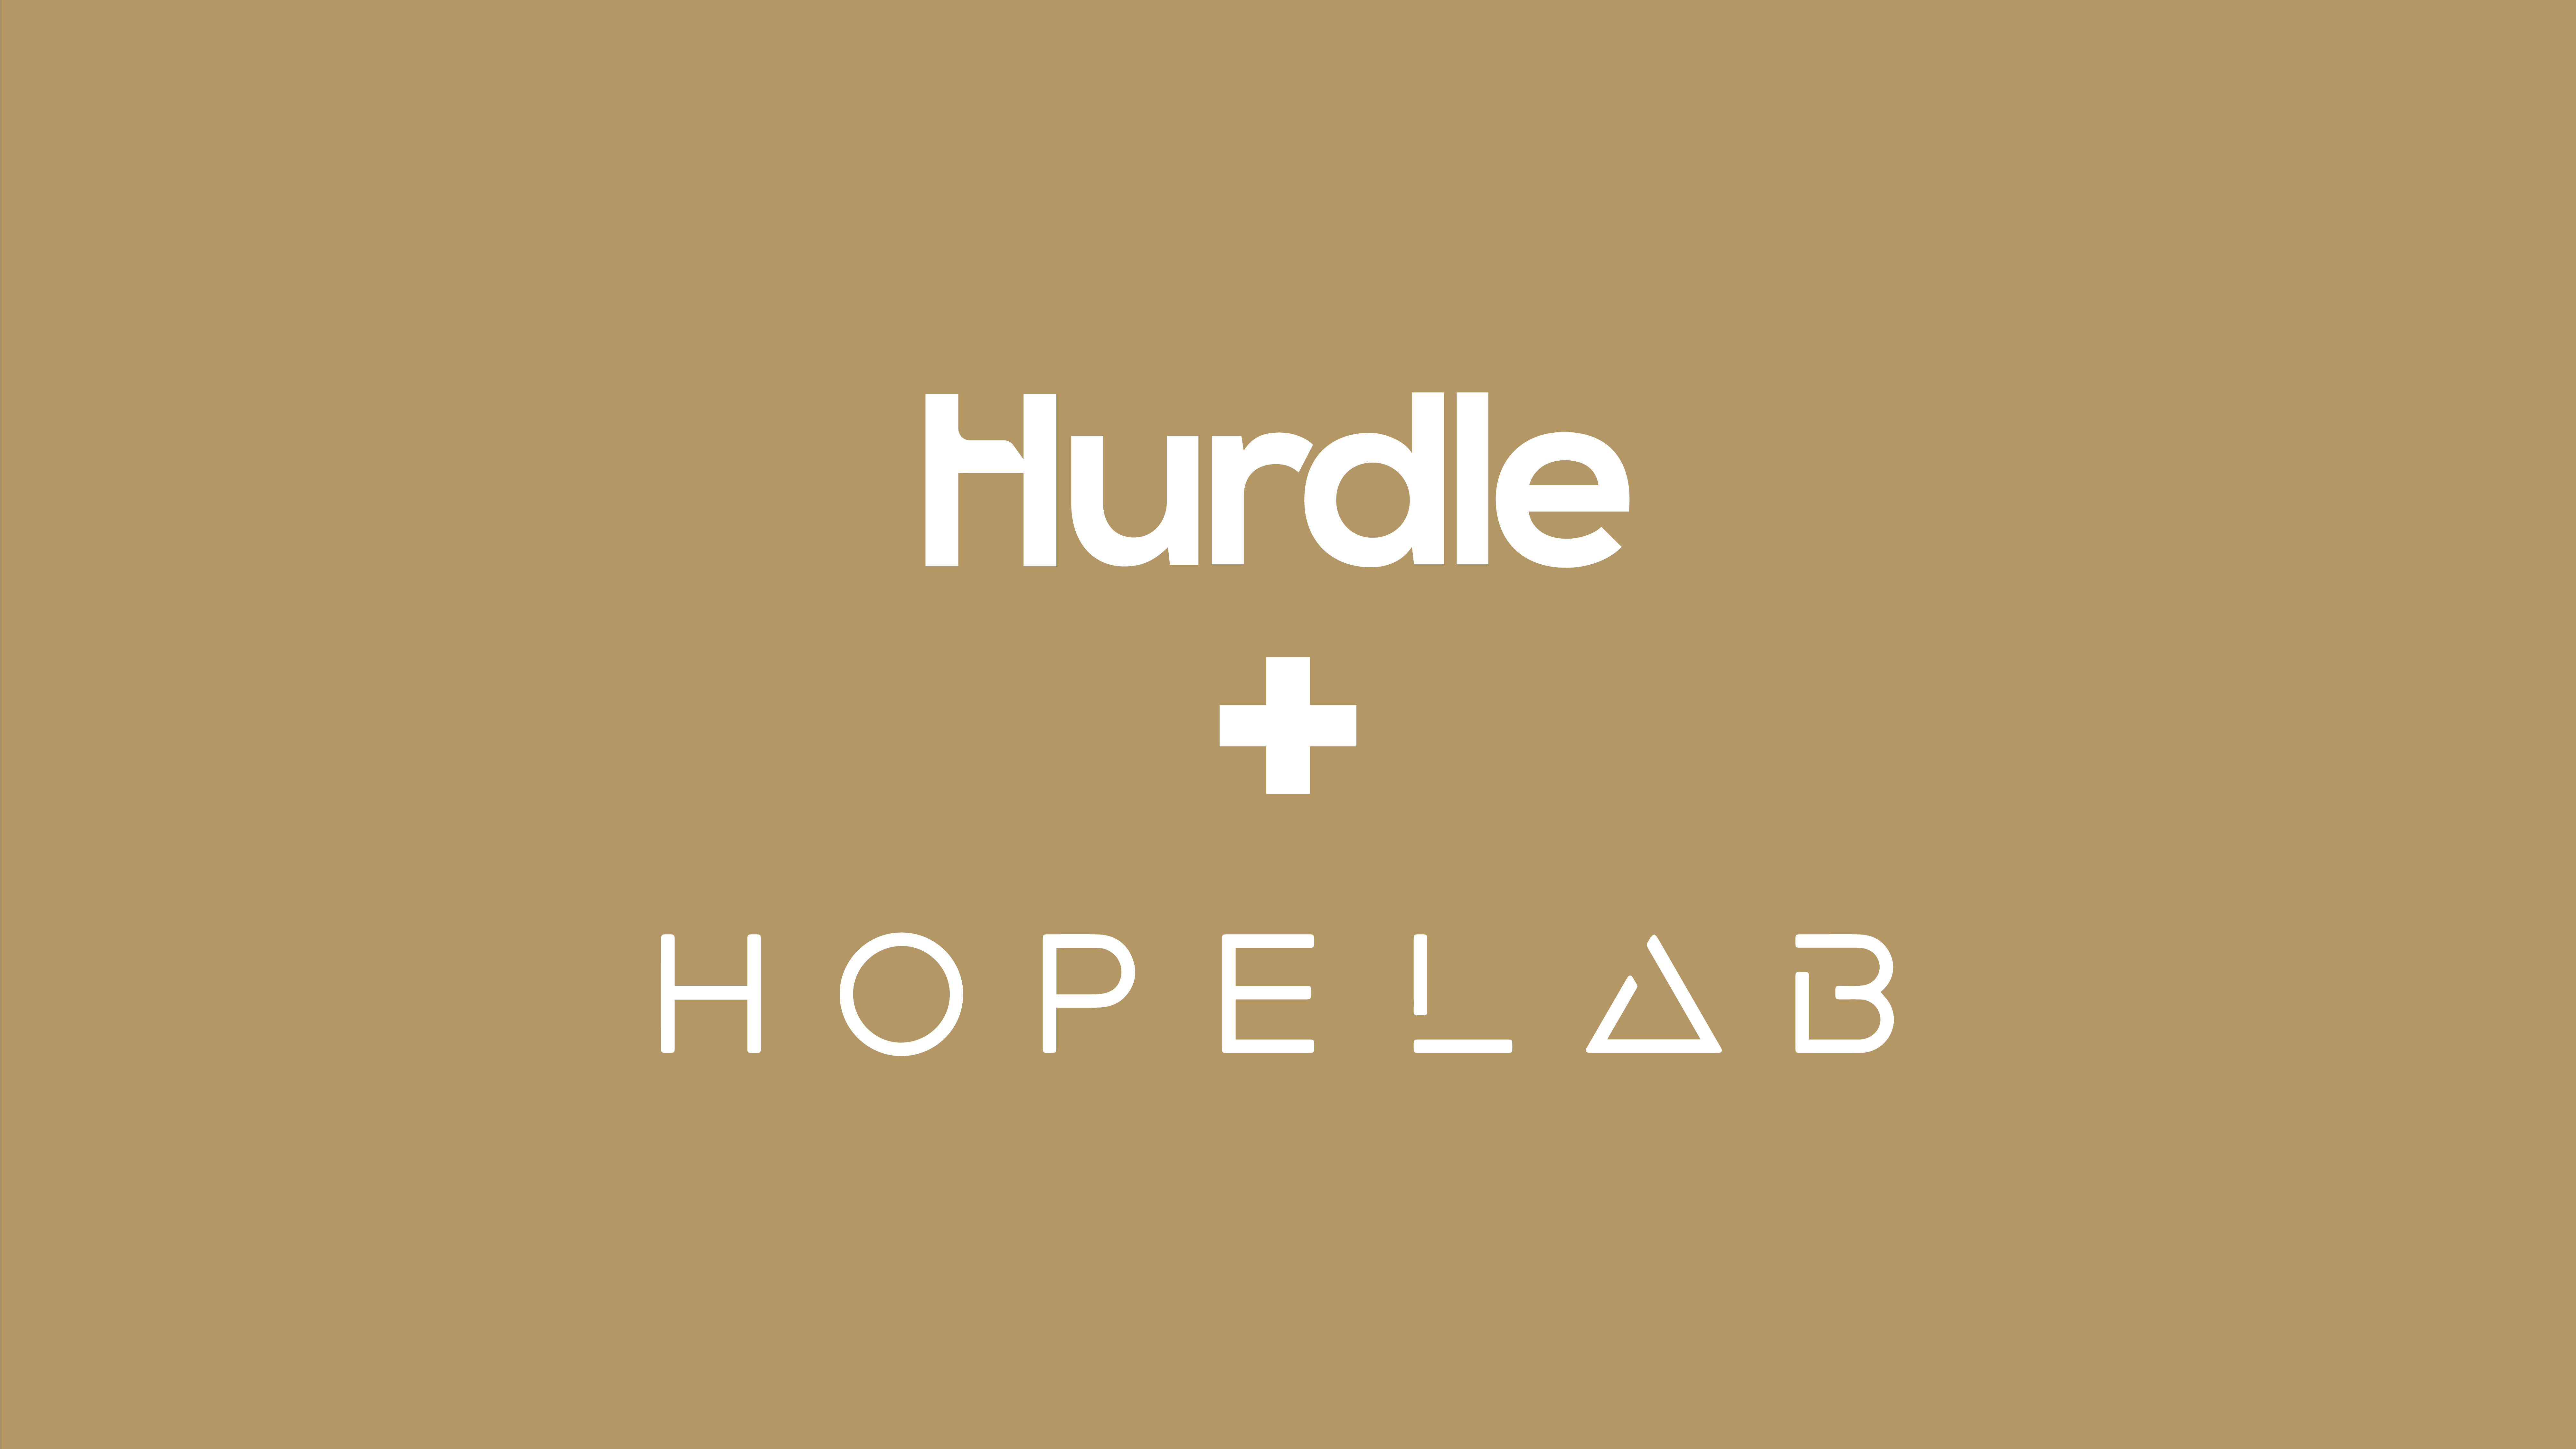 Hurdle + Hopelab